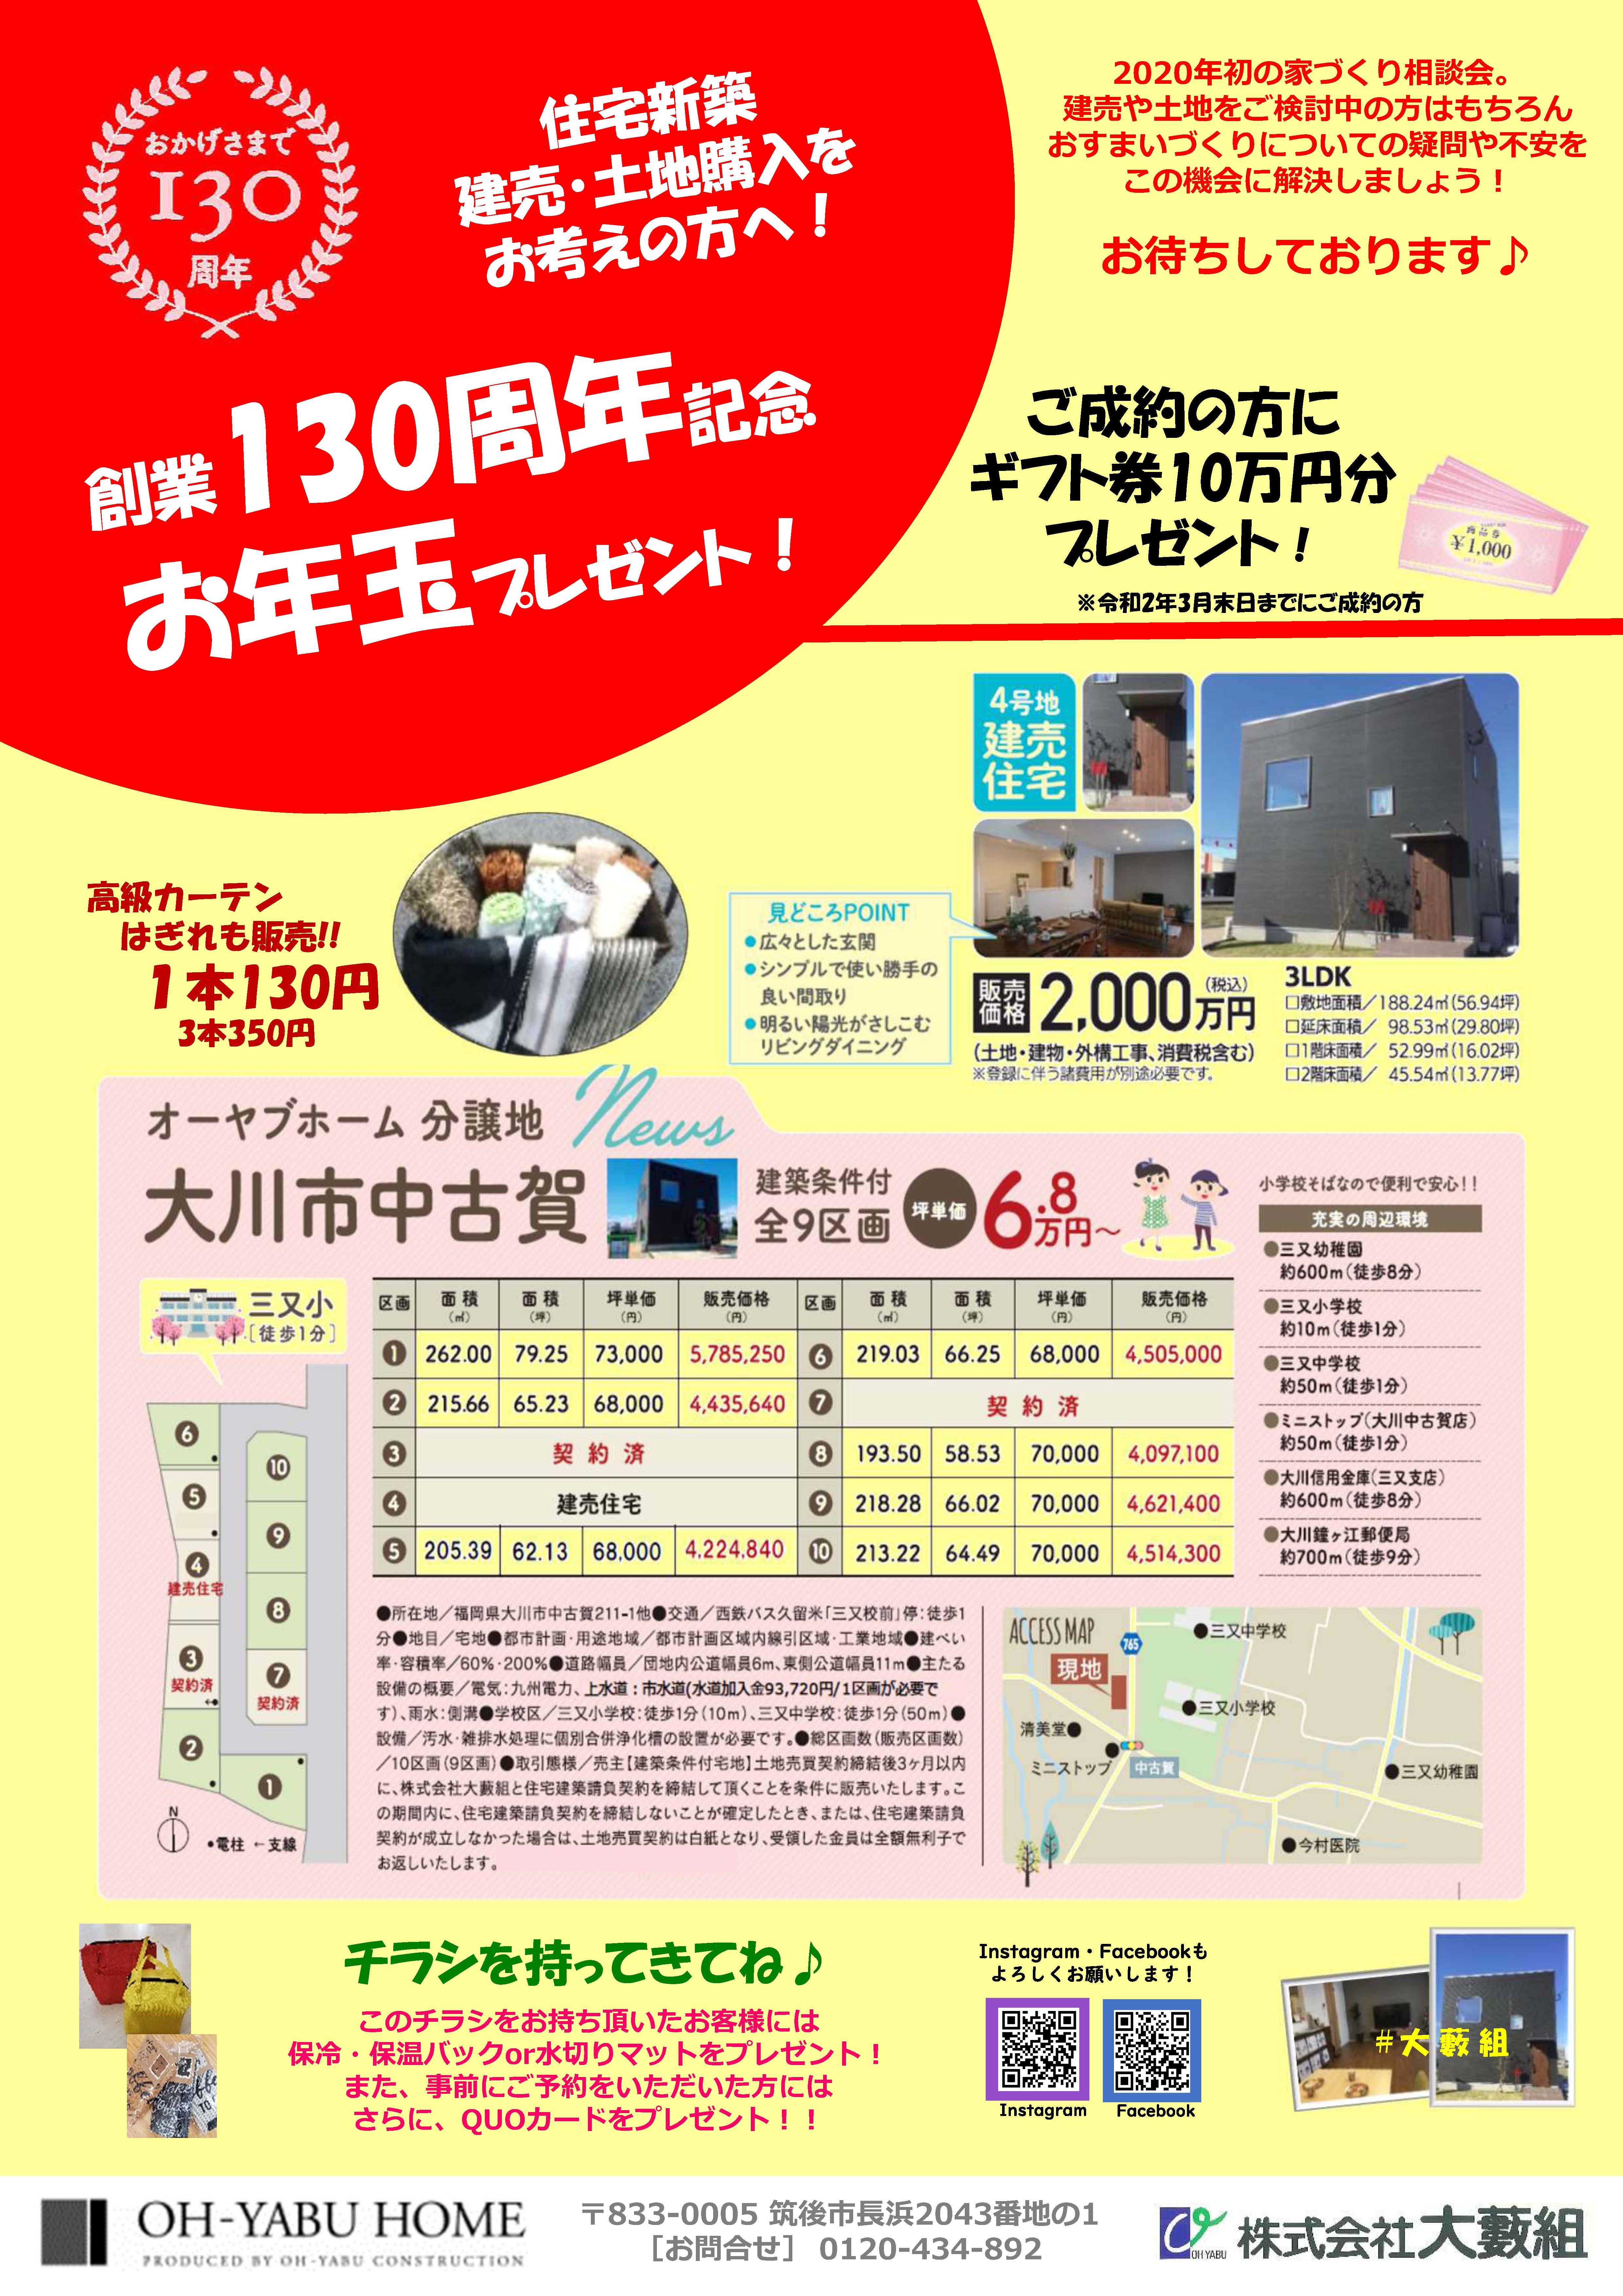 新春イベントチラシ[表裏]_ページ_2